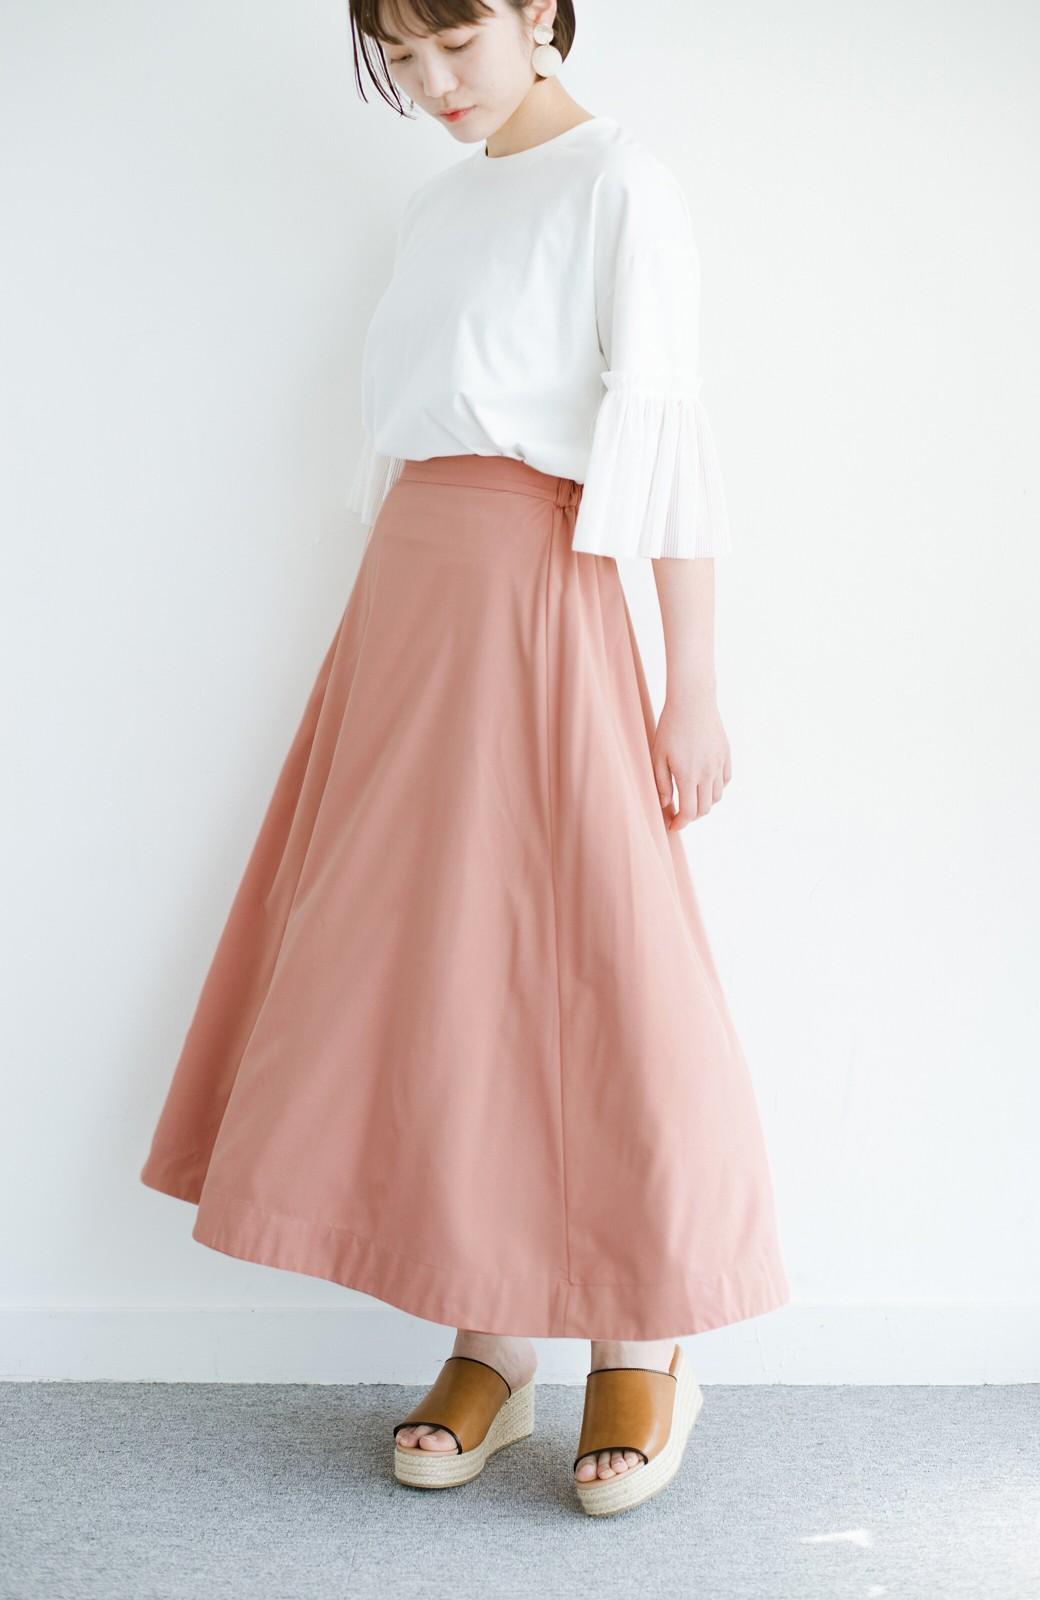 haco! オフィスにもデートにも! 便利なのはきれいに見えて楽ちんなリバーシブルスカート <ピンク系その他>の商品写真1